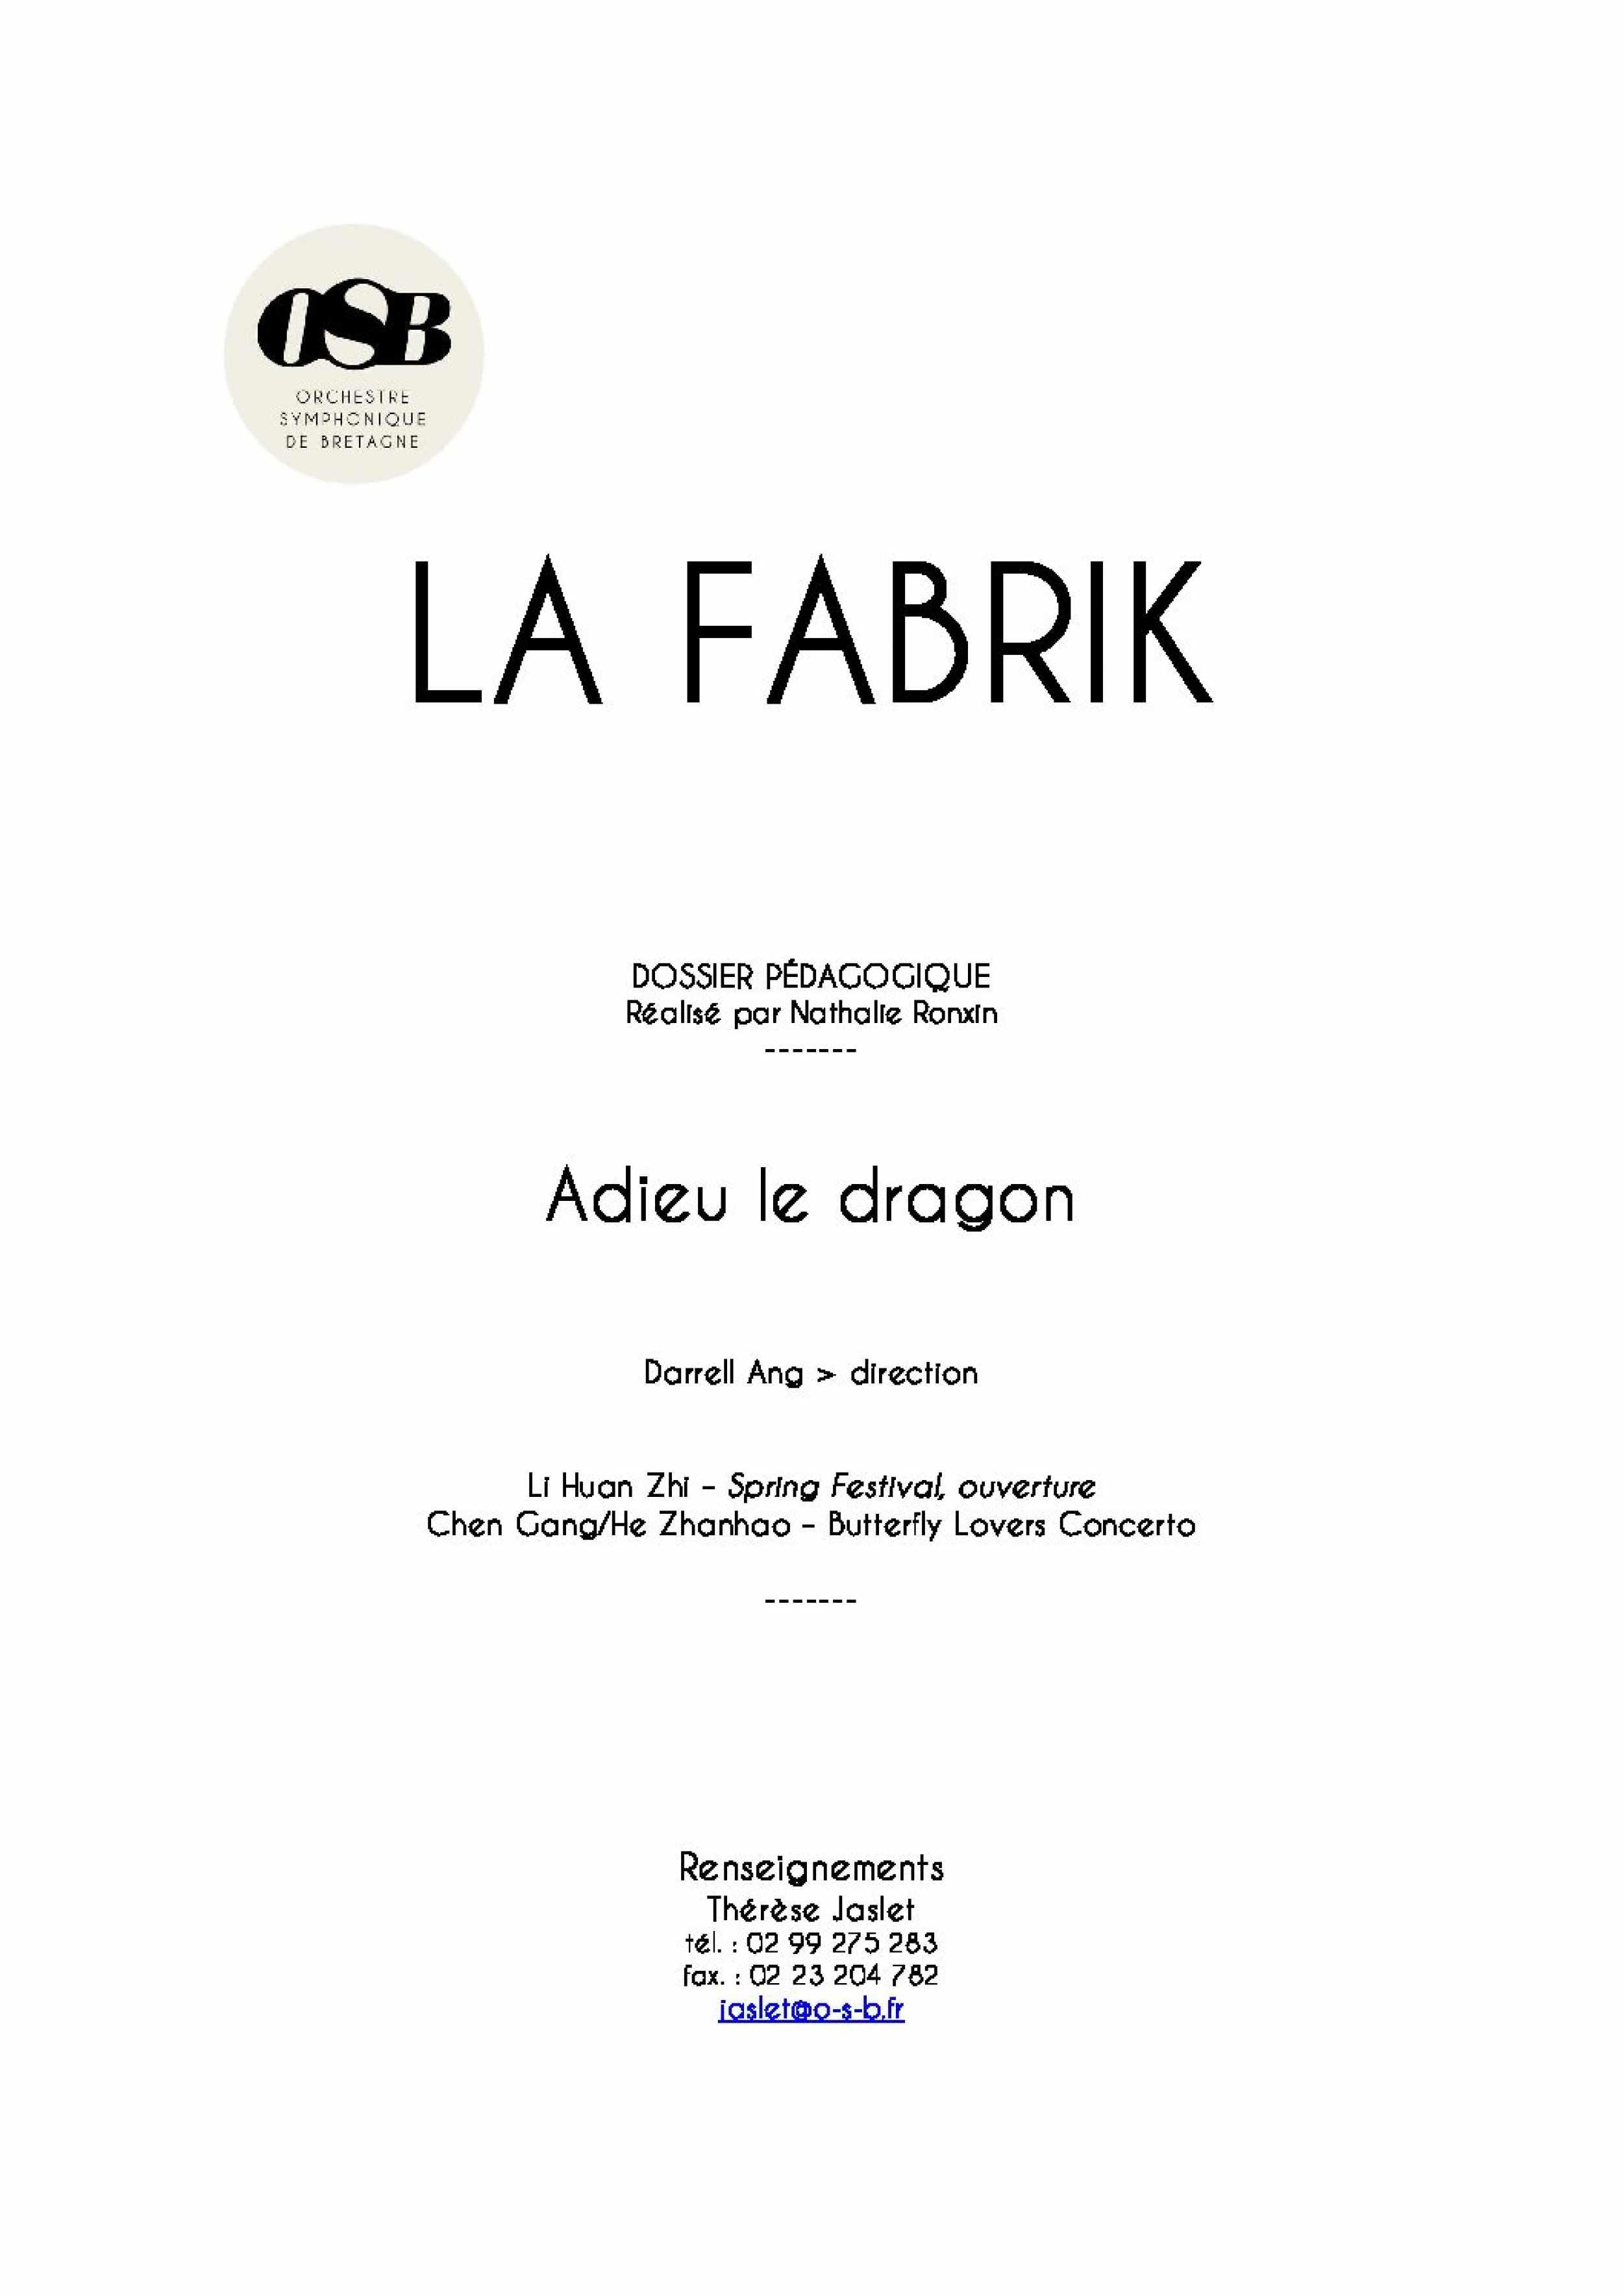 Adieu_le_dragon